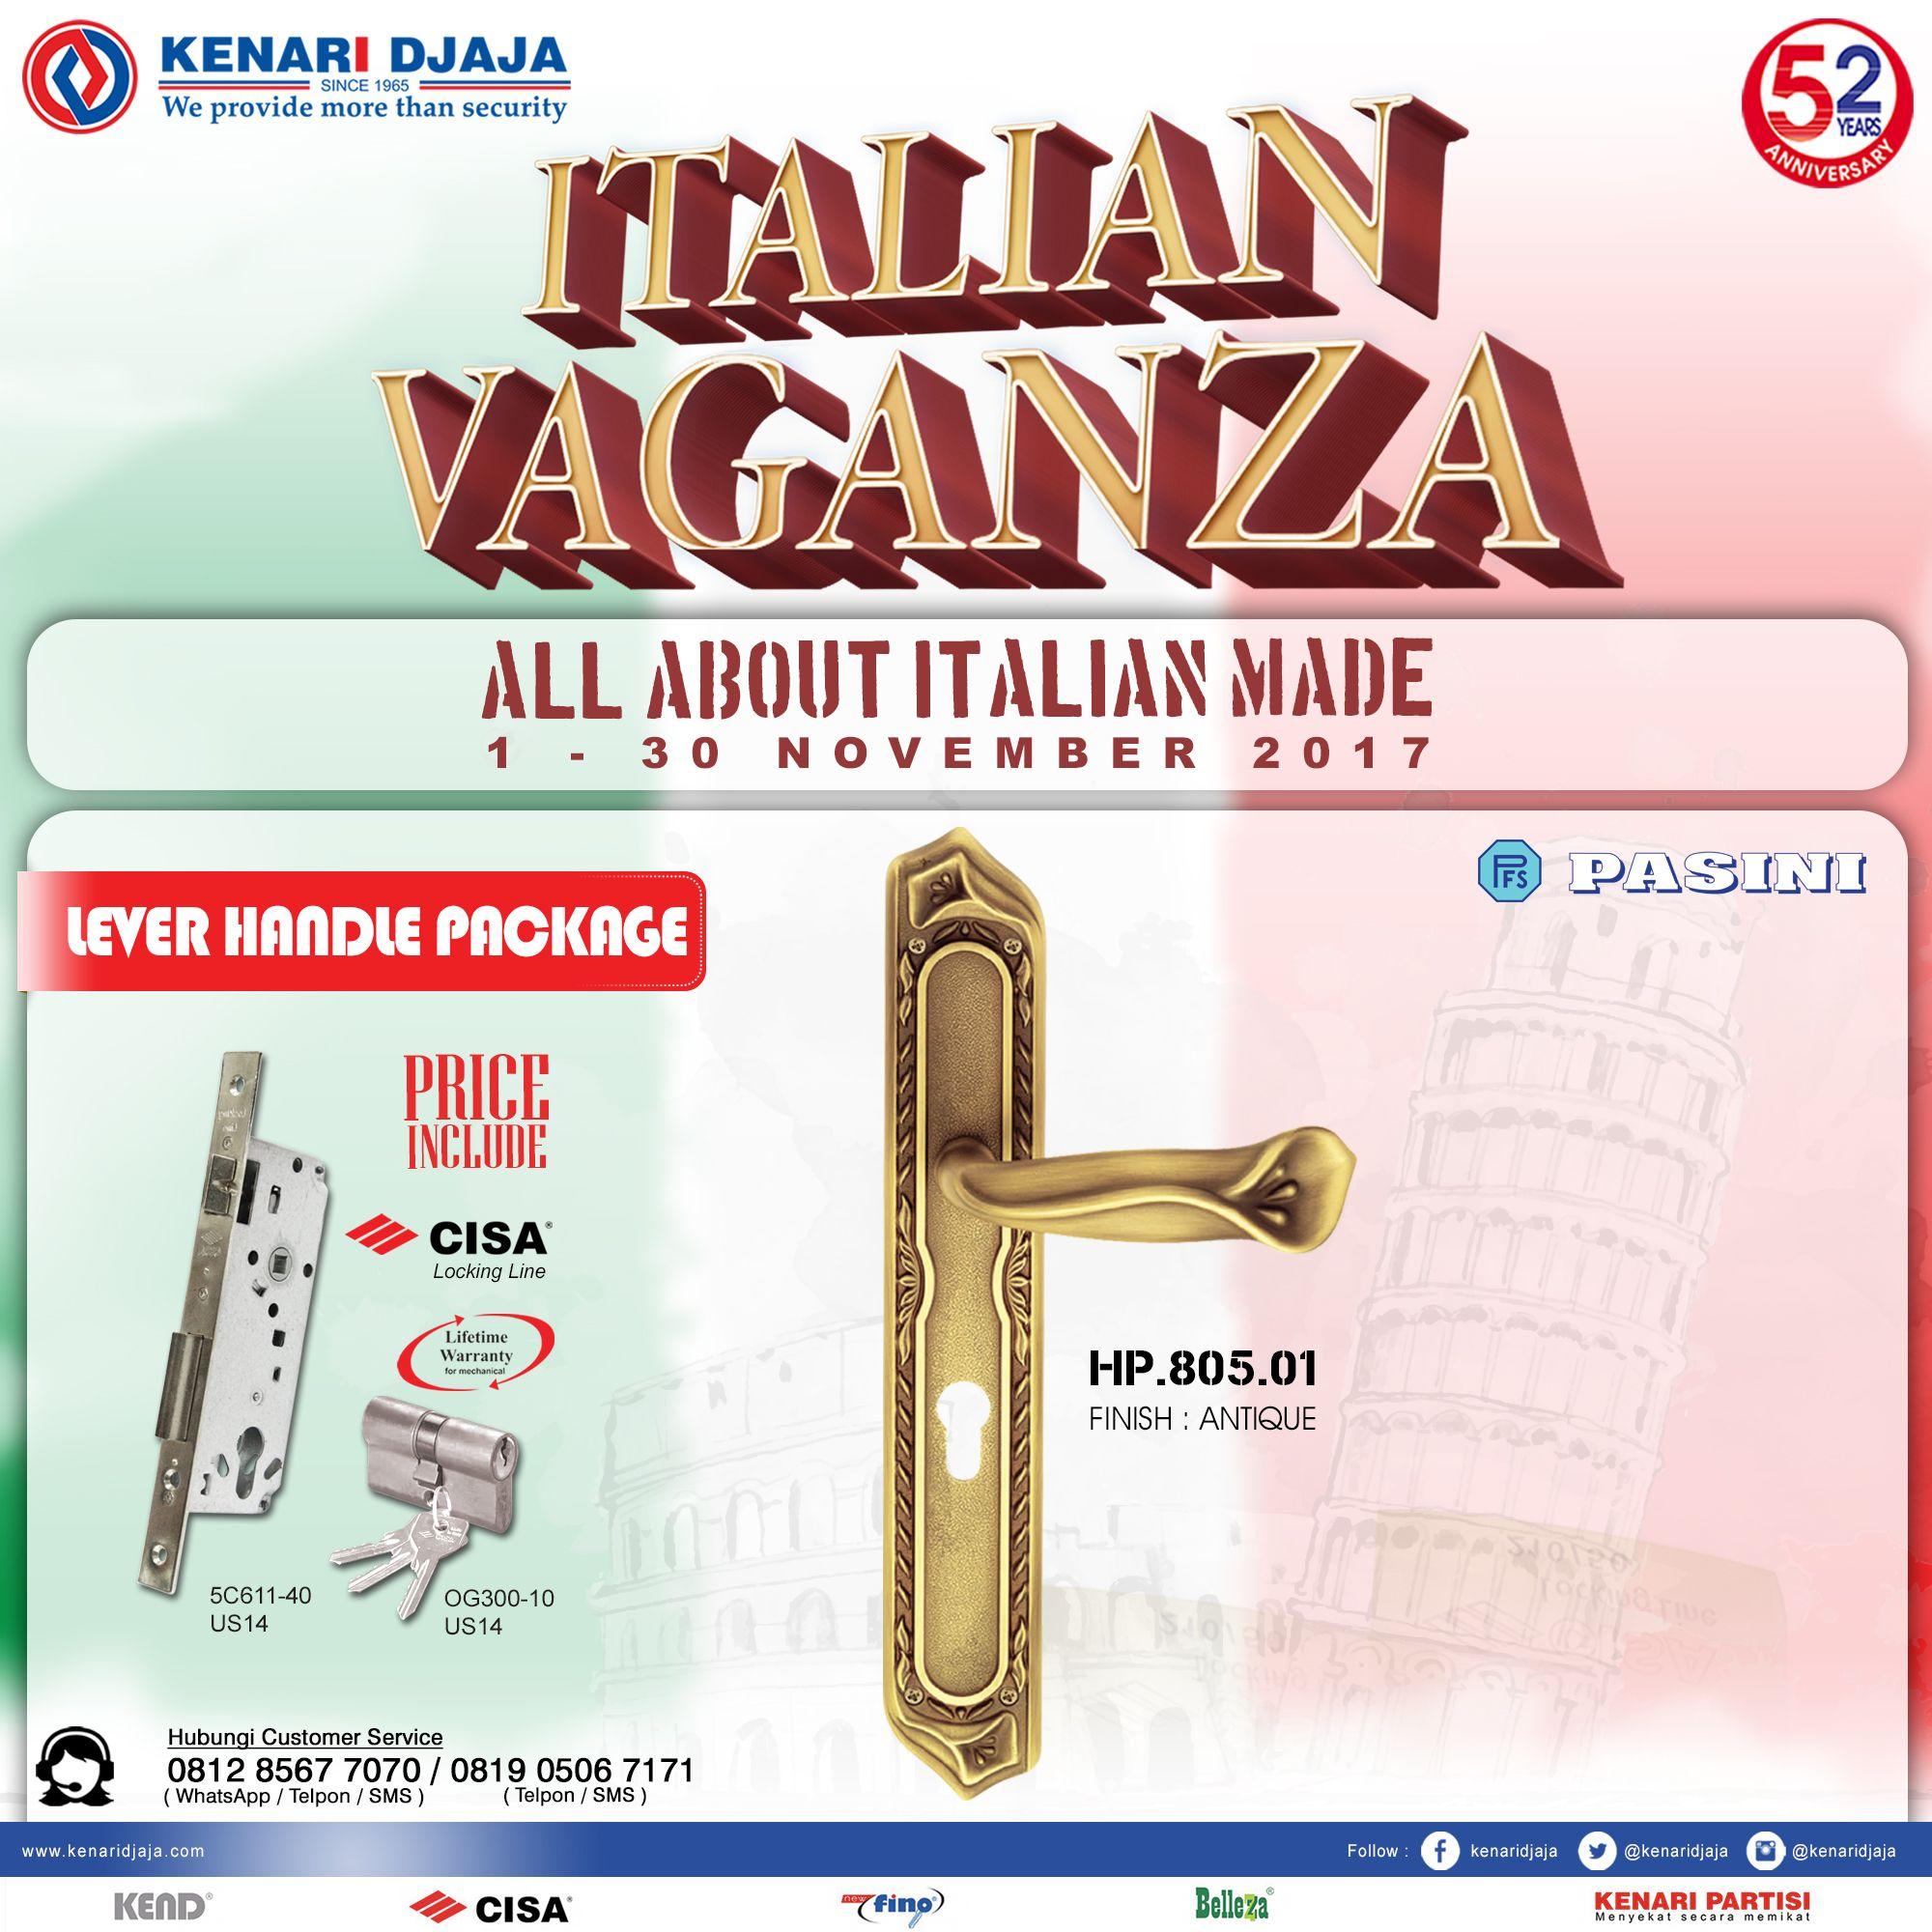 """Segera Kunjungi Showroom Kenari Djaja Terdekat ... Nikmati Promo Istimewanyanya """"ITALIAN VAGANZA"""" Berlangsung Dari Tanggal 1 - 30 Nopember 2017. Paket Handle Set Dengan Harga Wooow  Informasi Hub. : Ibu Tika 0812 8567 7070 ( WA / Telpon / SMS ) 0819 0506 7171 ( Telpon / SMS )  Email : digitalmarketing@kenaridjaja.co.id  [ K E N A R I D J A J A ] PELOPOR PERLENGKAPAN PINTU DAN JENDELA SEJAK TAHUN 1965  SHOWROOM : JAKARTA & TANGERANG 1 Graha Mas Kebun Jeruk Blok C5-6 Telp : (021) 536 3506"""